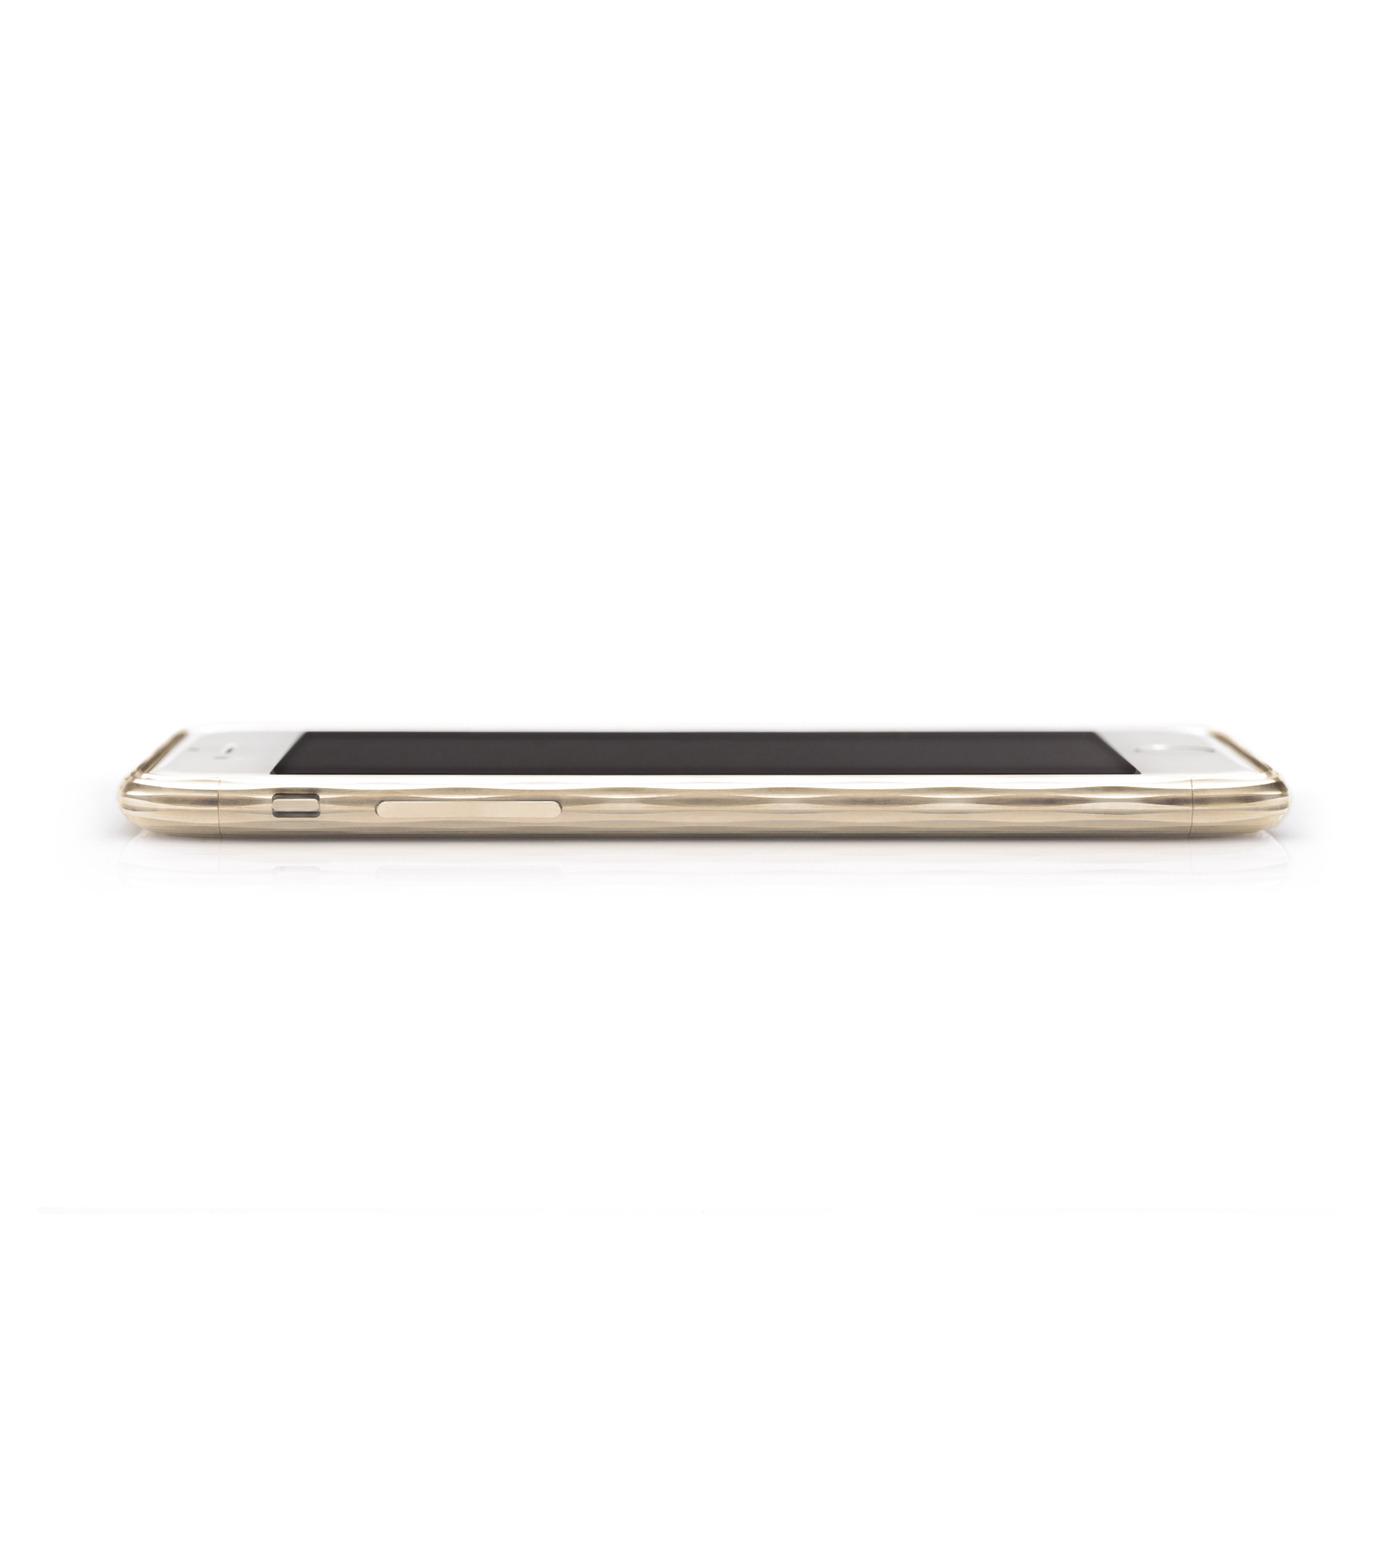 SQUAIR(スクエア)のThe Dimple for iPhone6s plus-GOLD(ケースiphone6plus/6splus/case iphone6plus/6splus)-SQDMP630-GLD-2 拡大詳細画像2